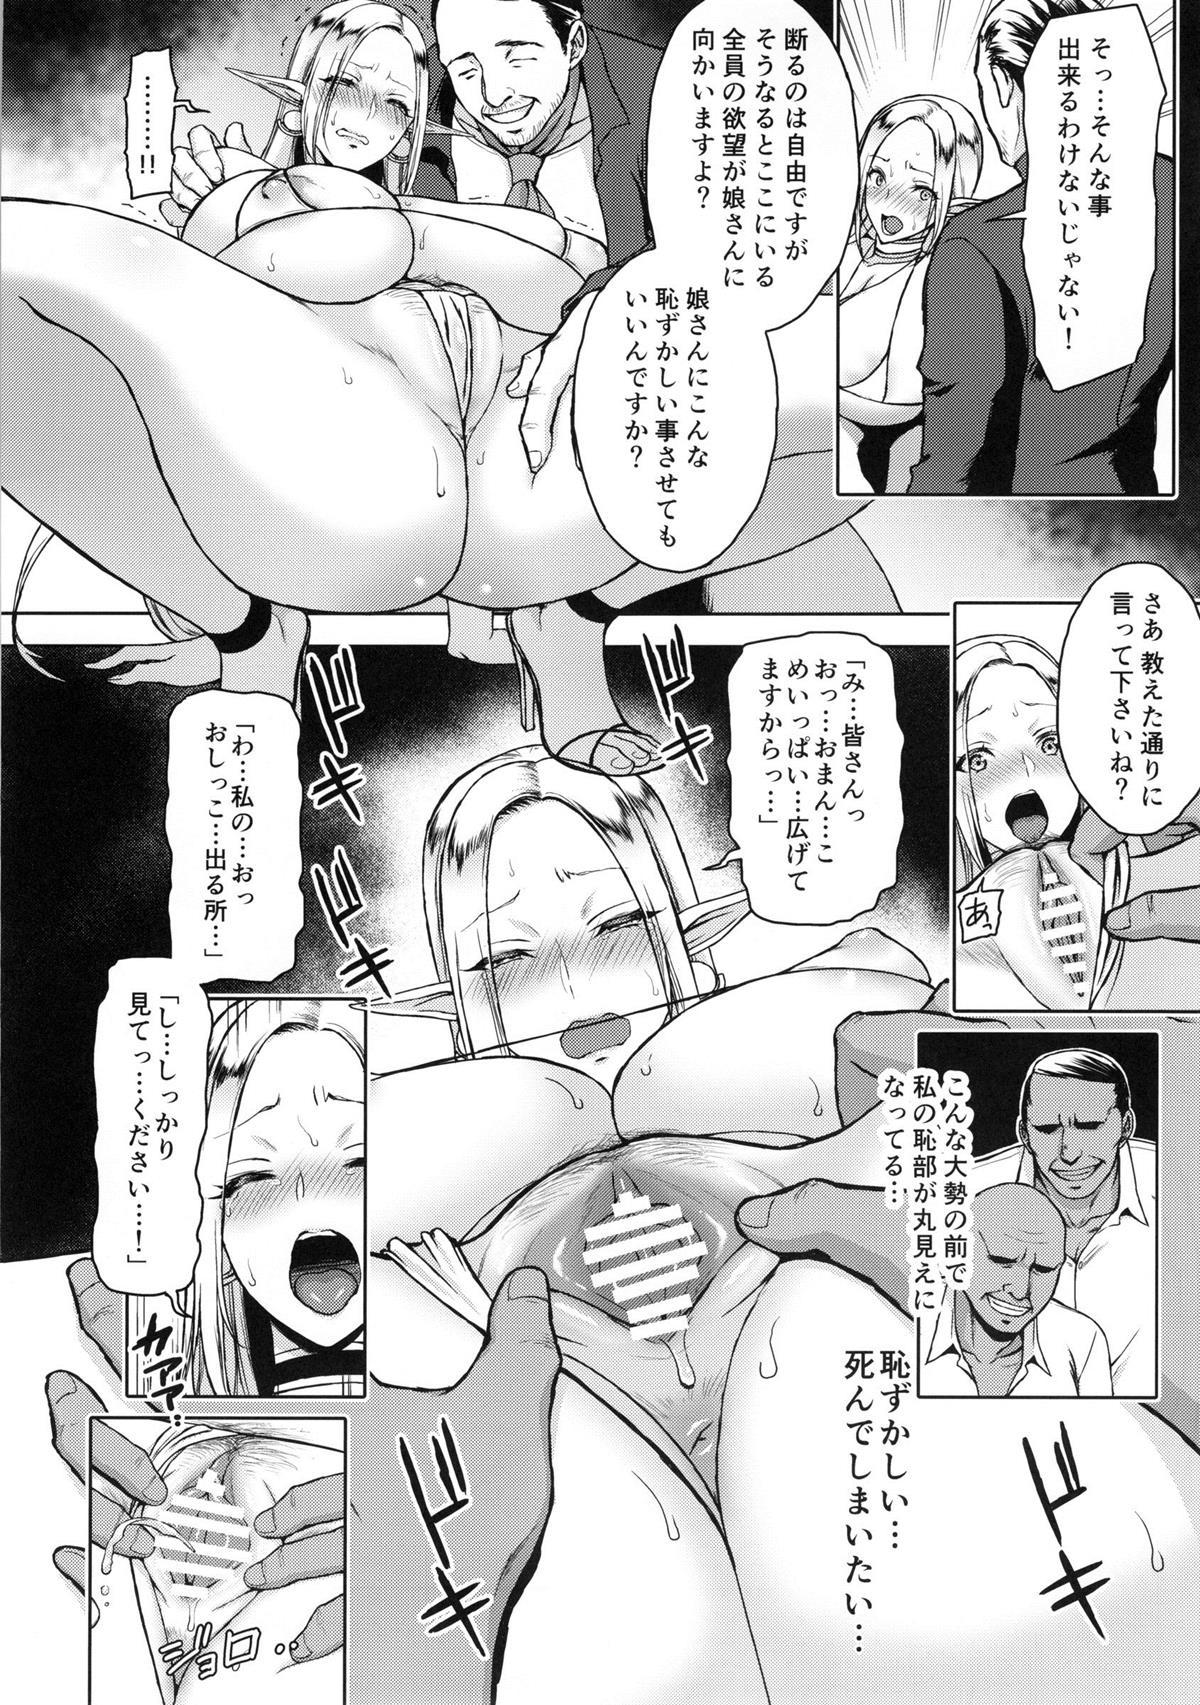 【エロ漫画】我が子を守るために、人間に体を差し出すエルフの巨乳人妻www【無料 エロ同人誌】 (19)